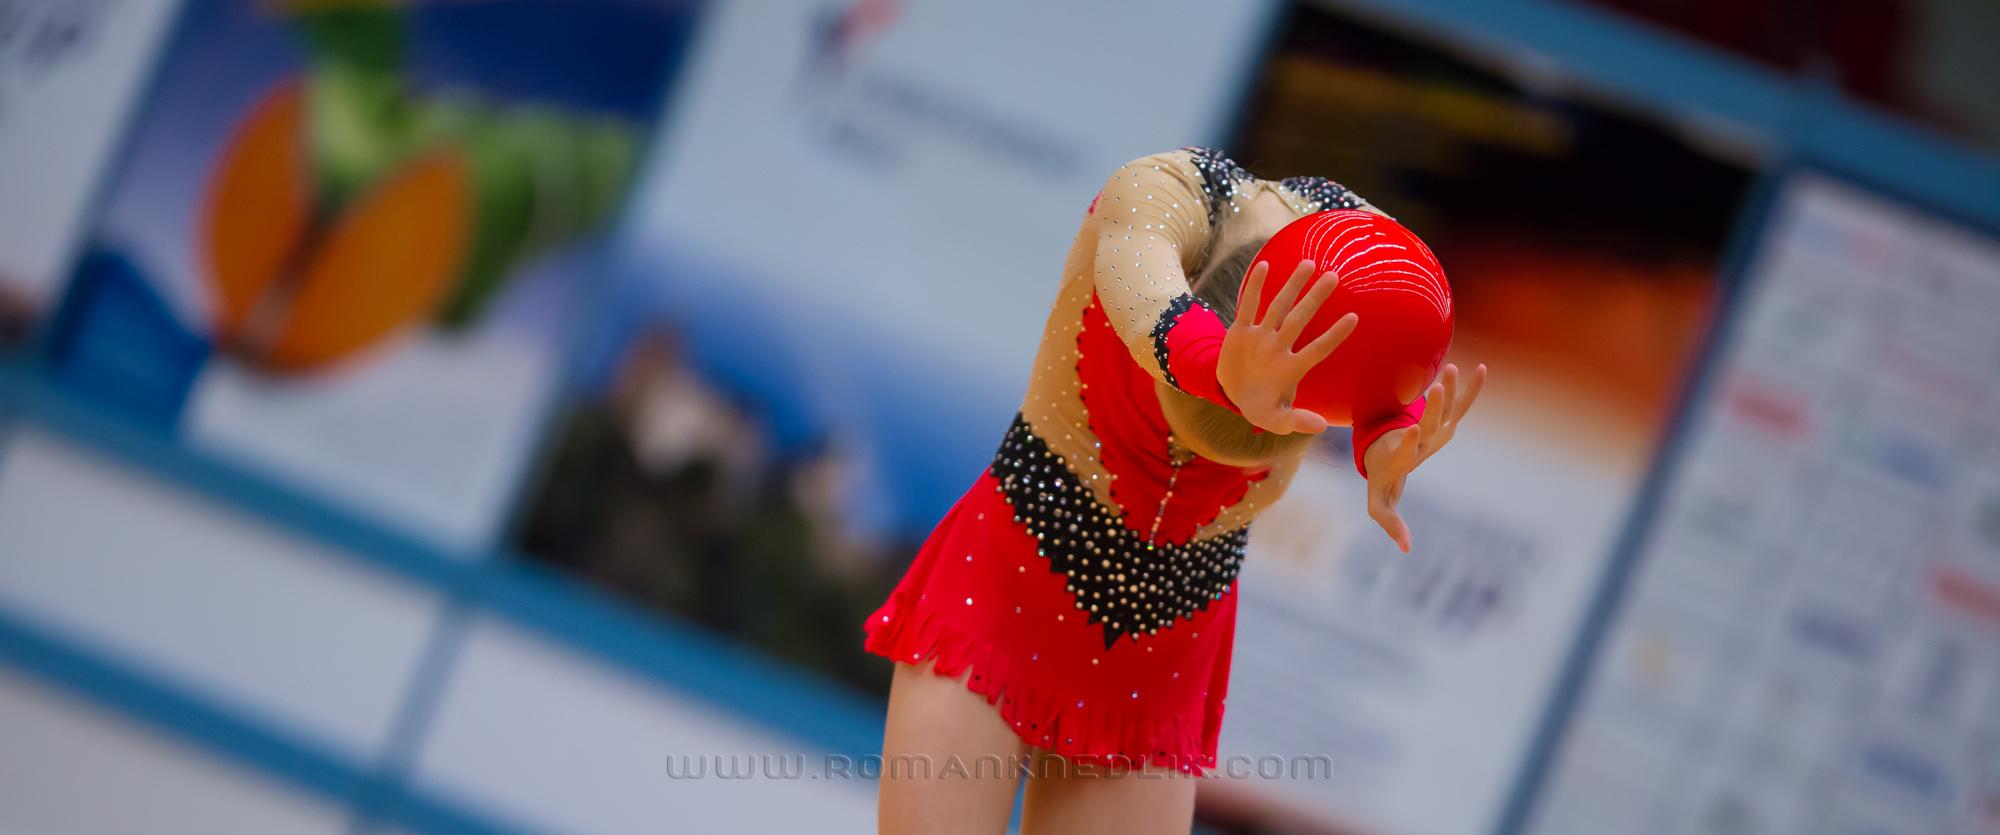 Carlsbad_RG_Cup-18